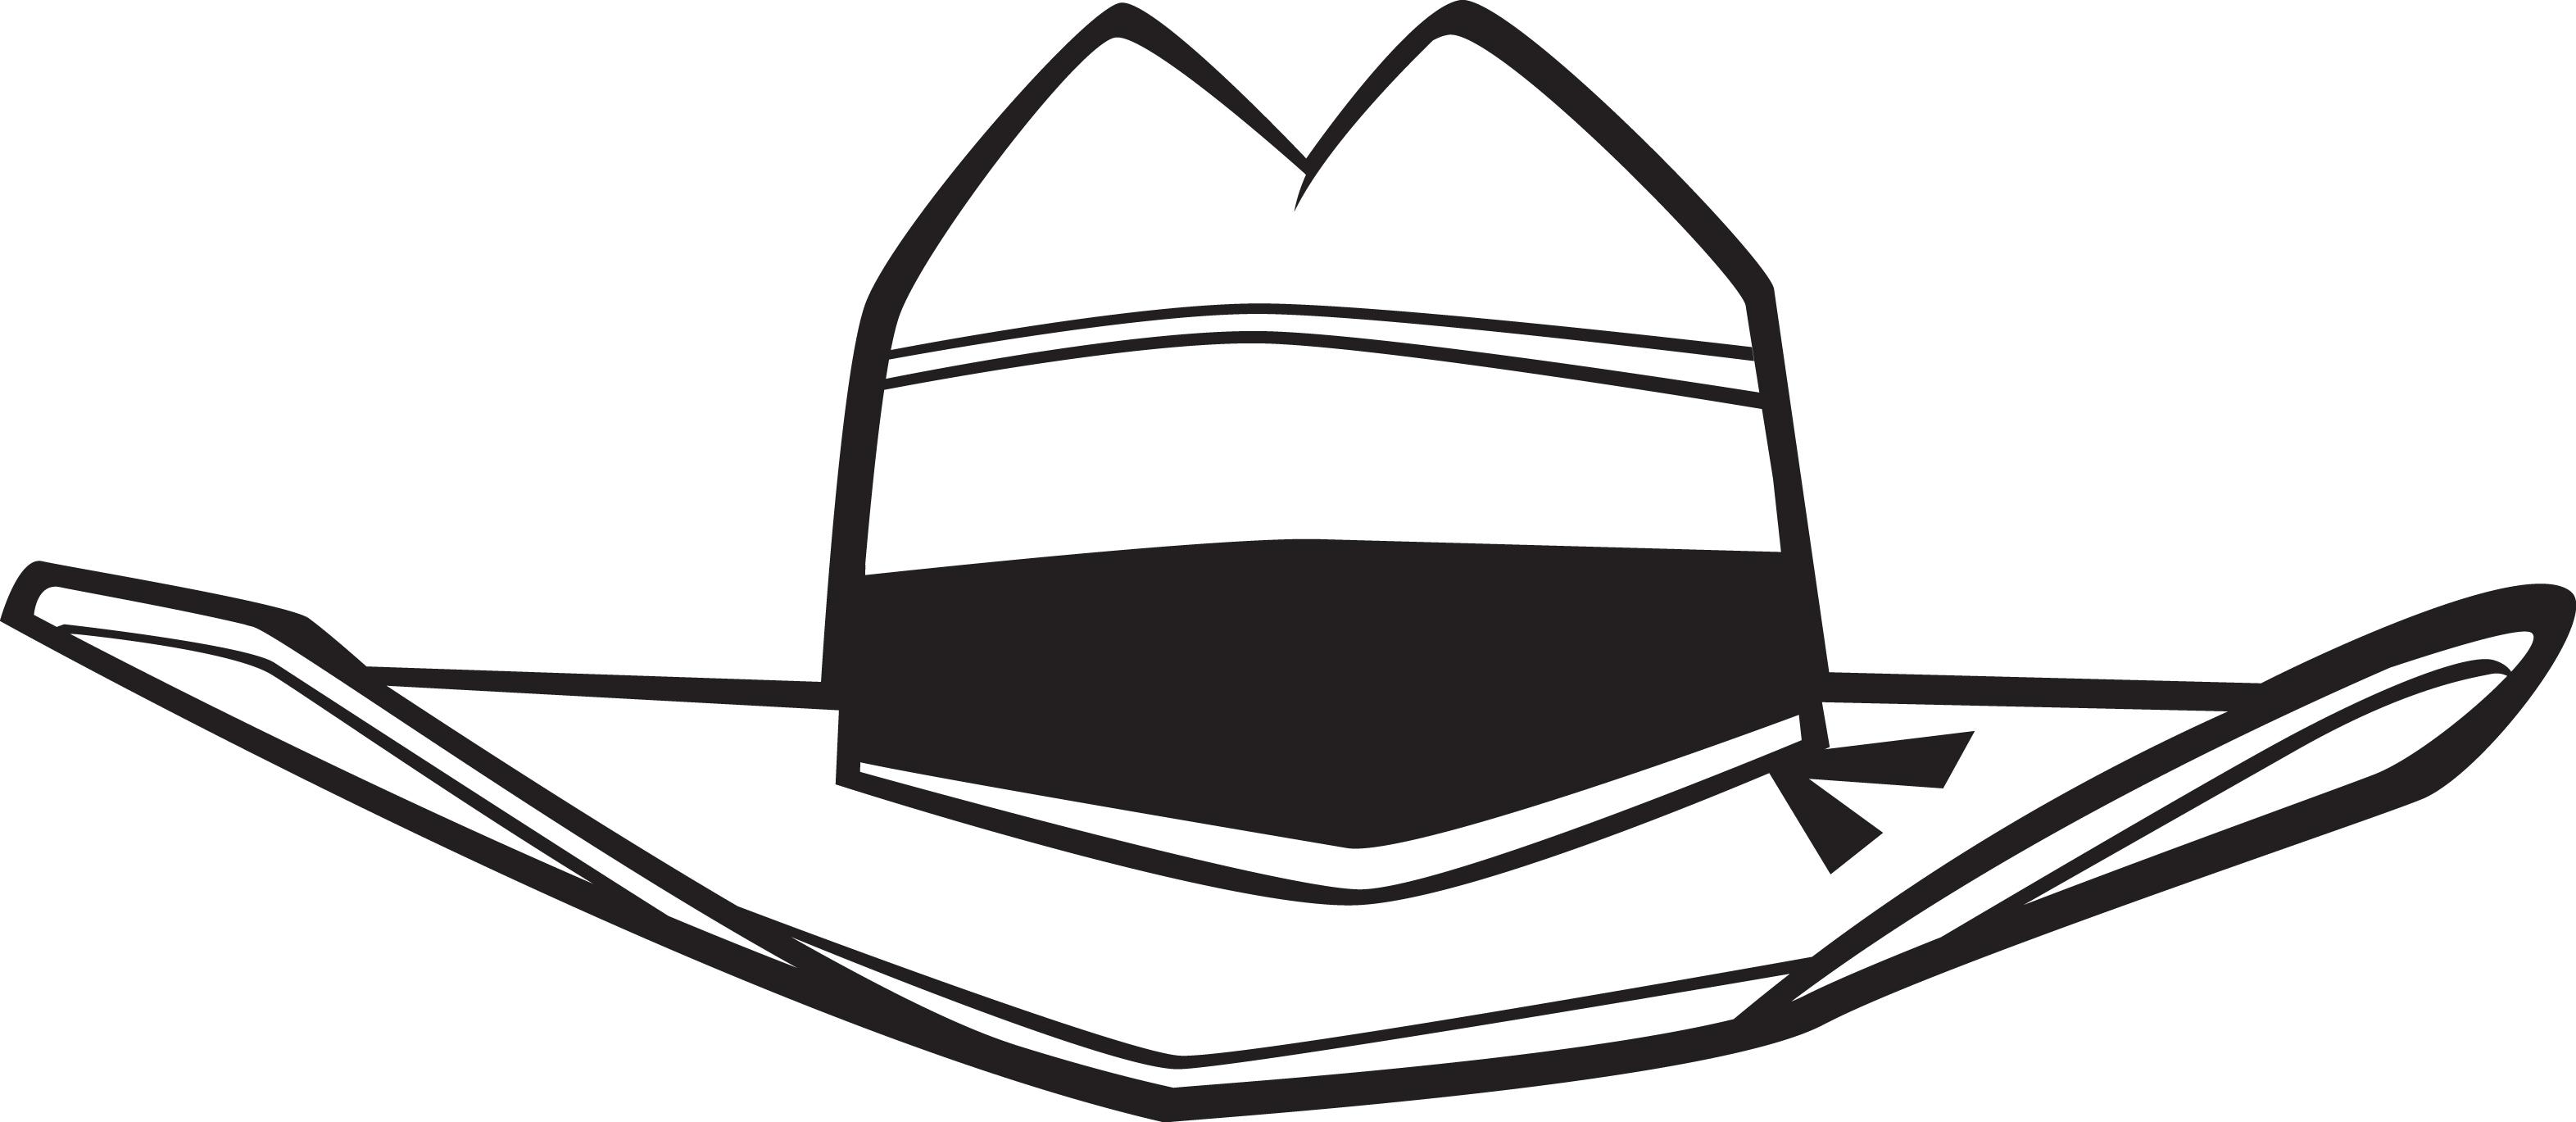 Best Cowboy Hat Clipart 16013 Clipartion Com Best Cowboy Hats Clip Art Cowboy Hats